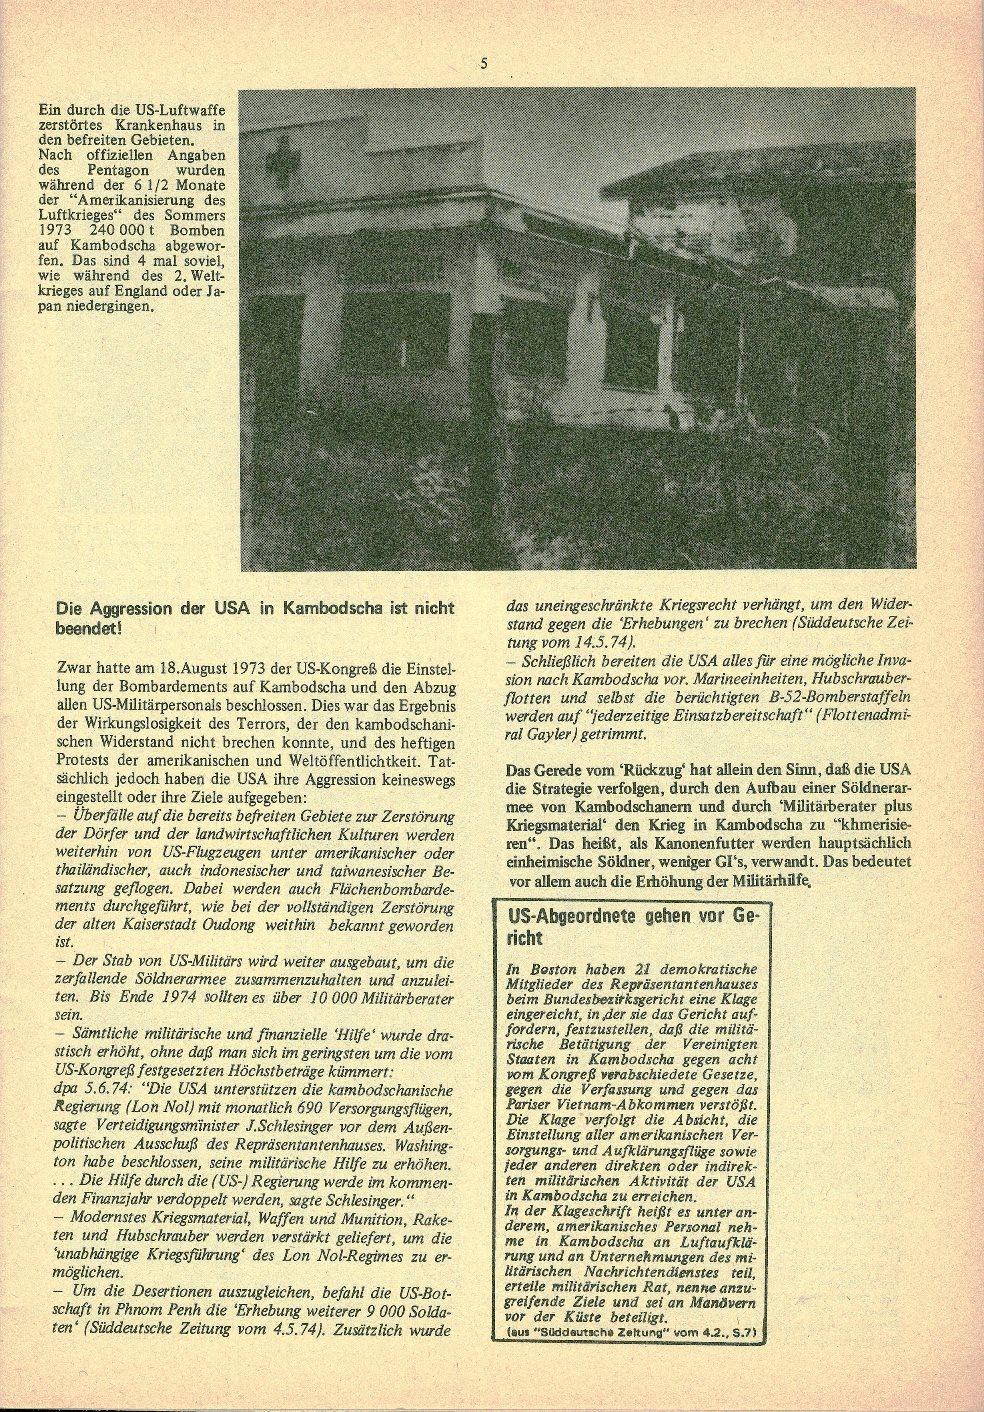 Kambodscha_1974_Das_Volk_besiegt_den_Imperialismus005